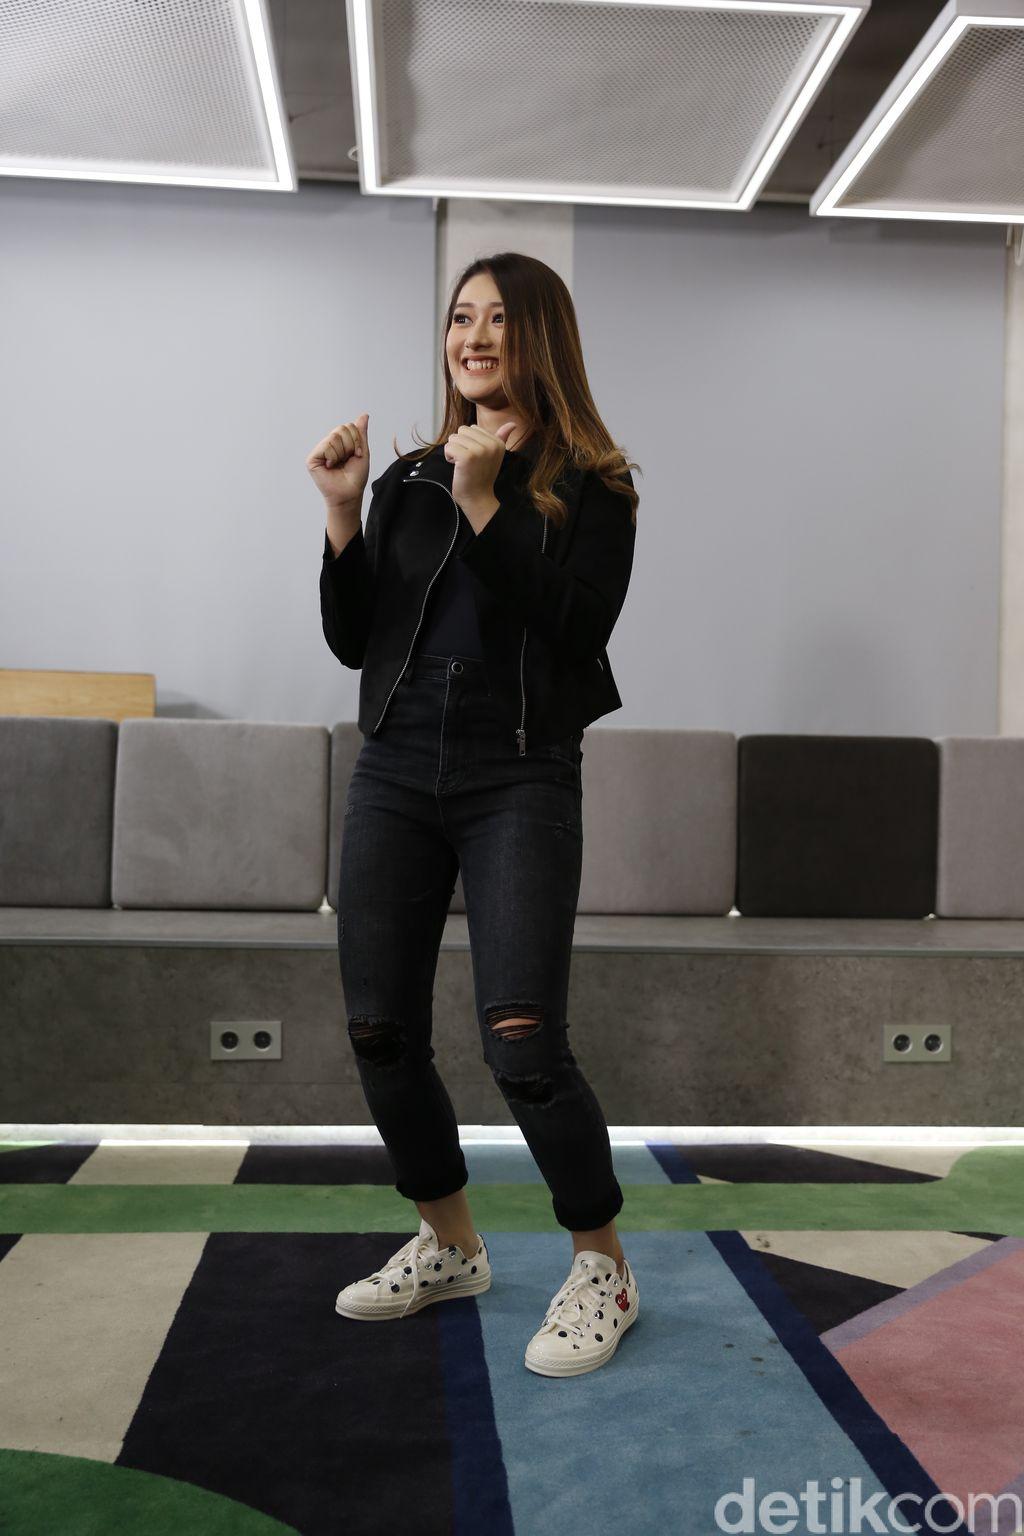 Amanda Caesa saat berkunjung ke kantor detikcom.